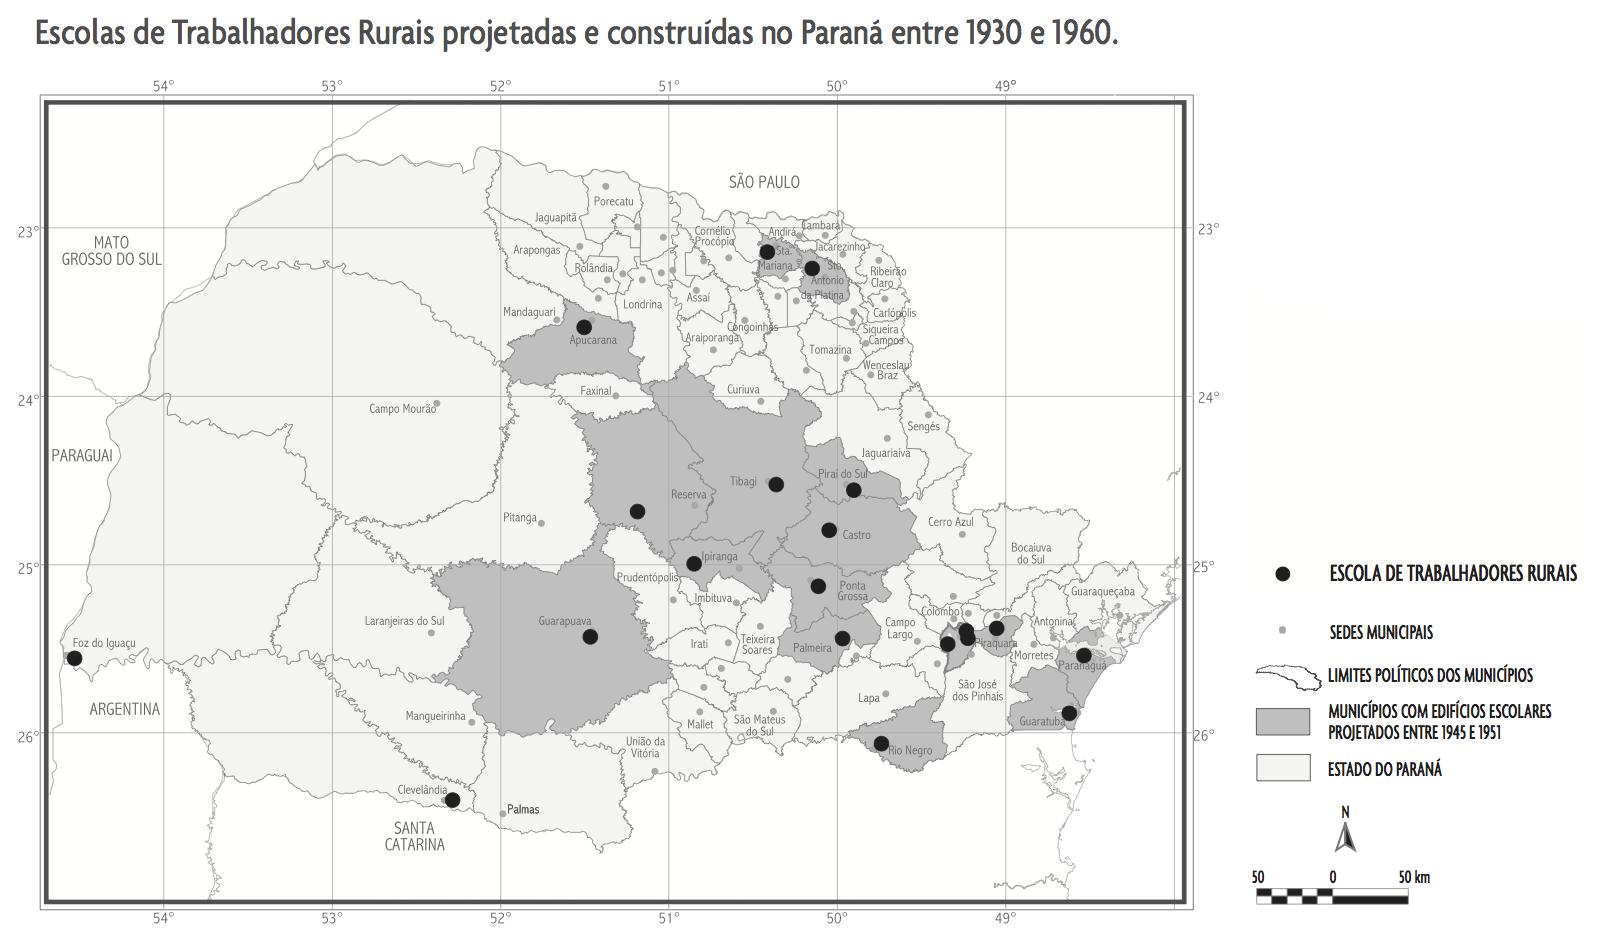 Escolas de trabalhadores rurais projetadas e construídas no Paraná entre 1930 e 1960